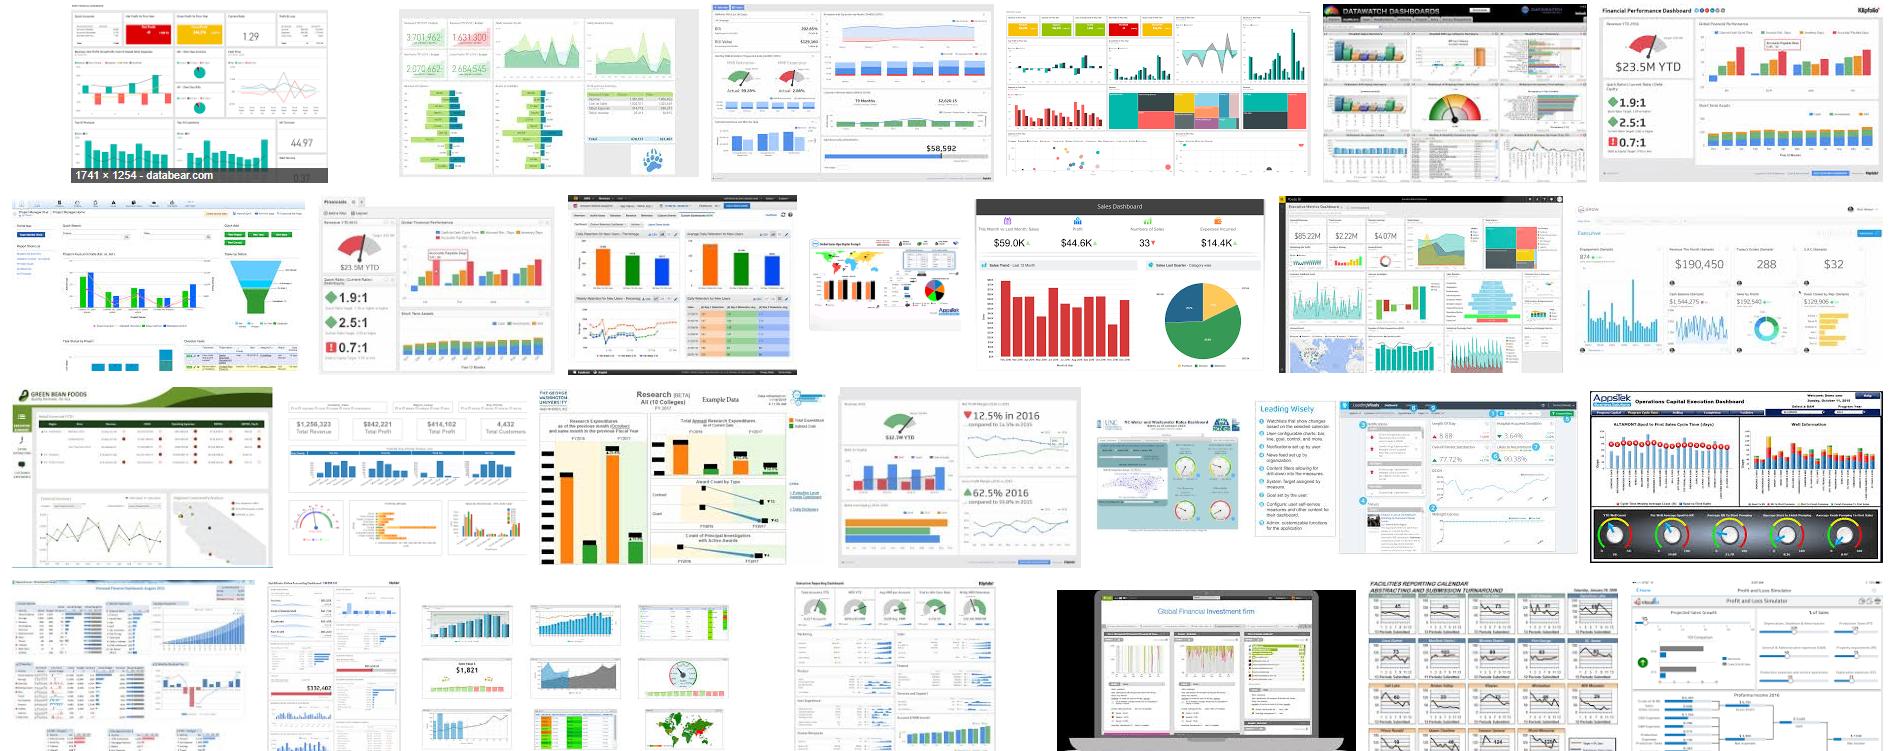 Comment Optimiser Son Tableau De Bord Avec La Data Visualisation